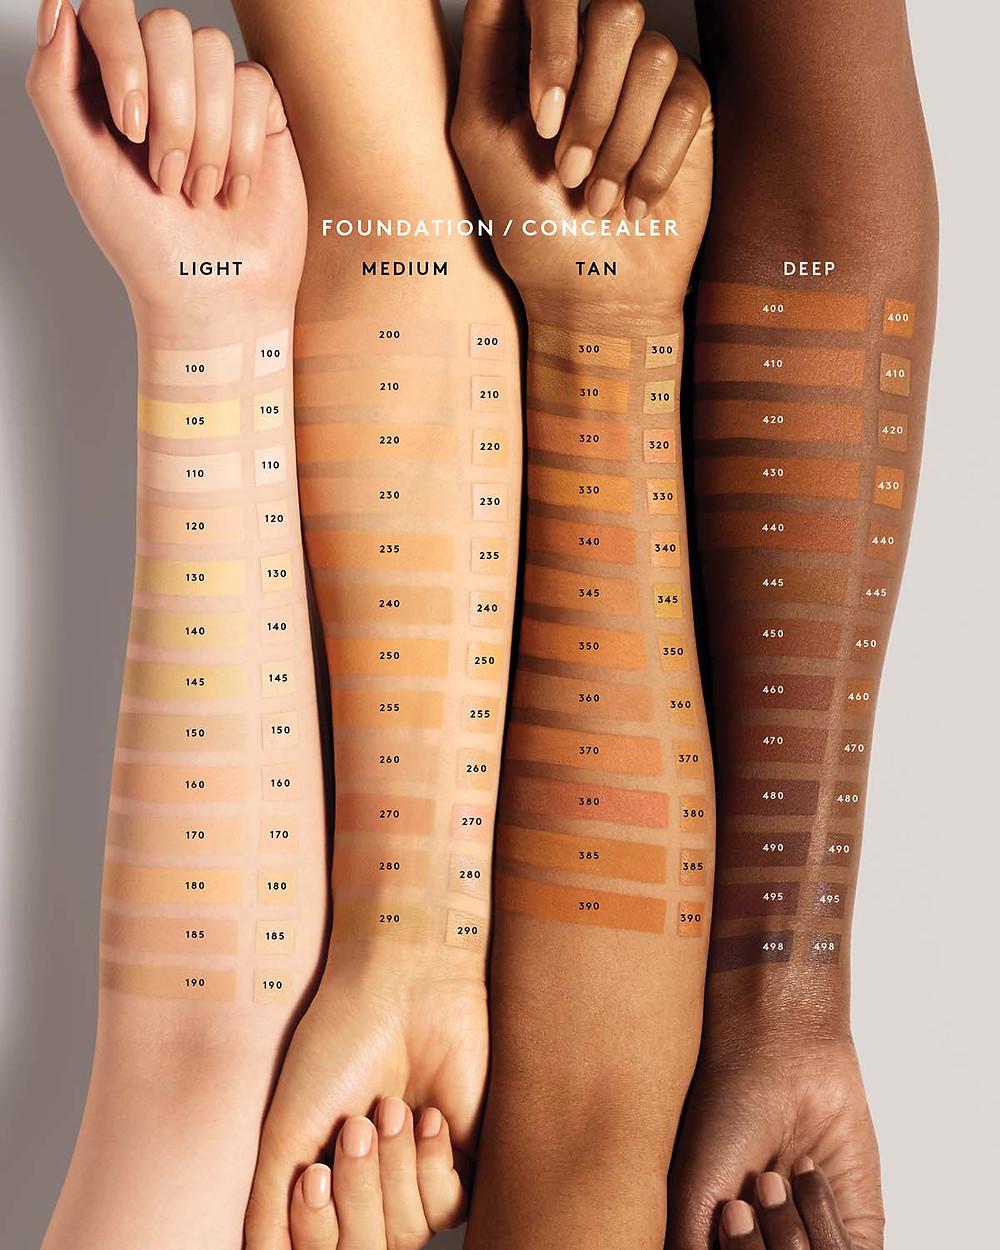 Pro Filt'r Soft Matte Longwear Foundation image via Fenty Beauty website